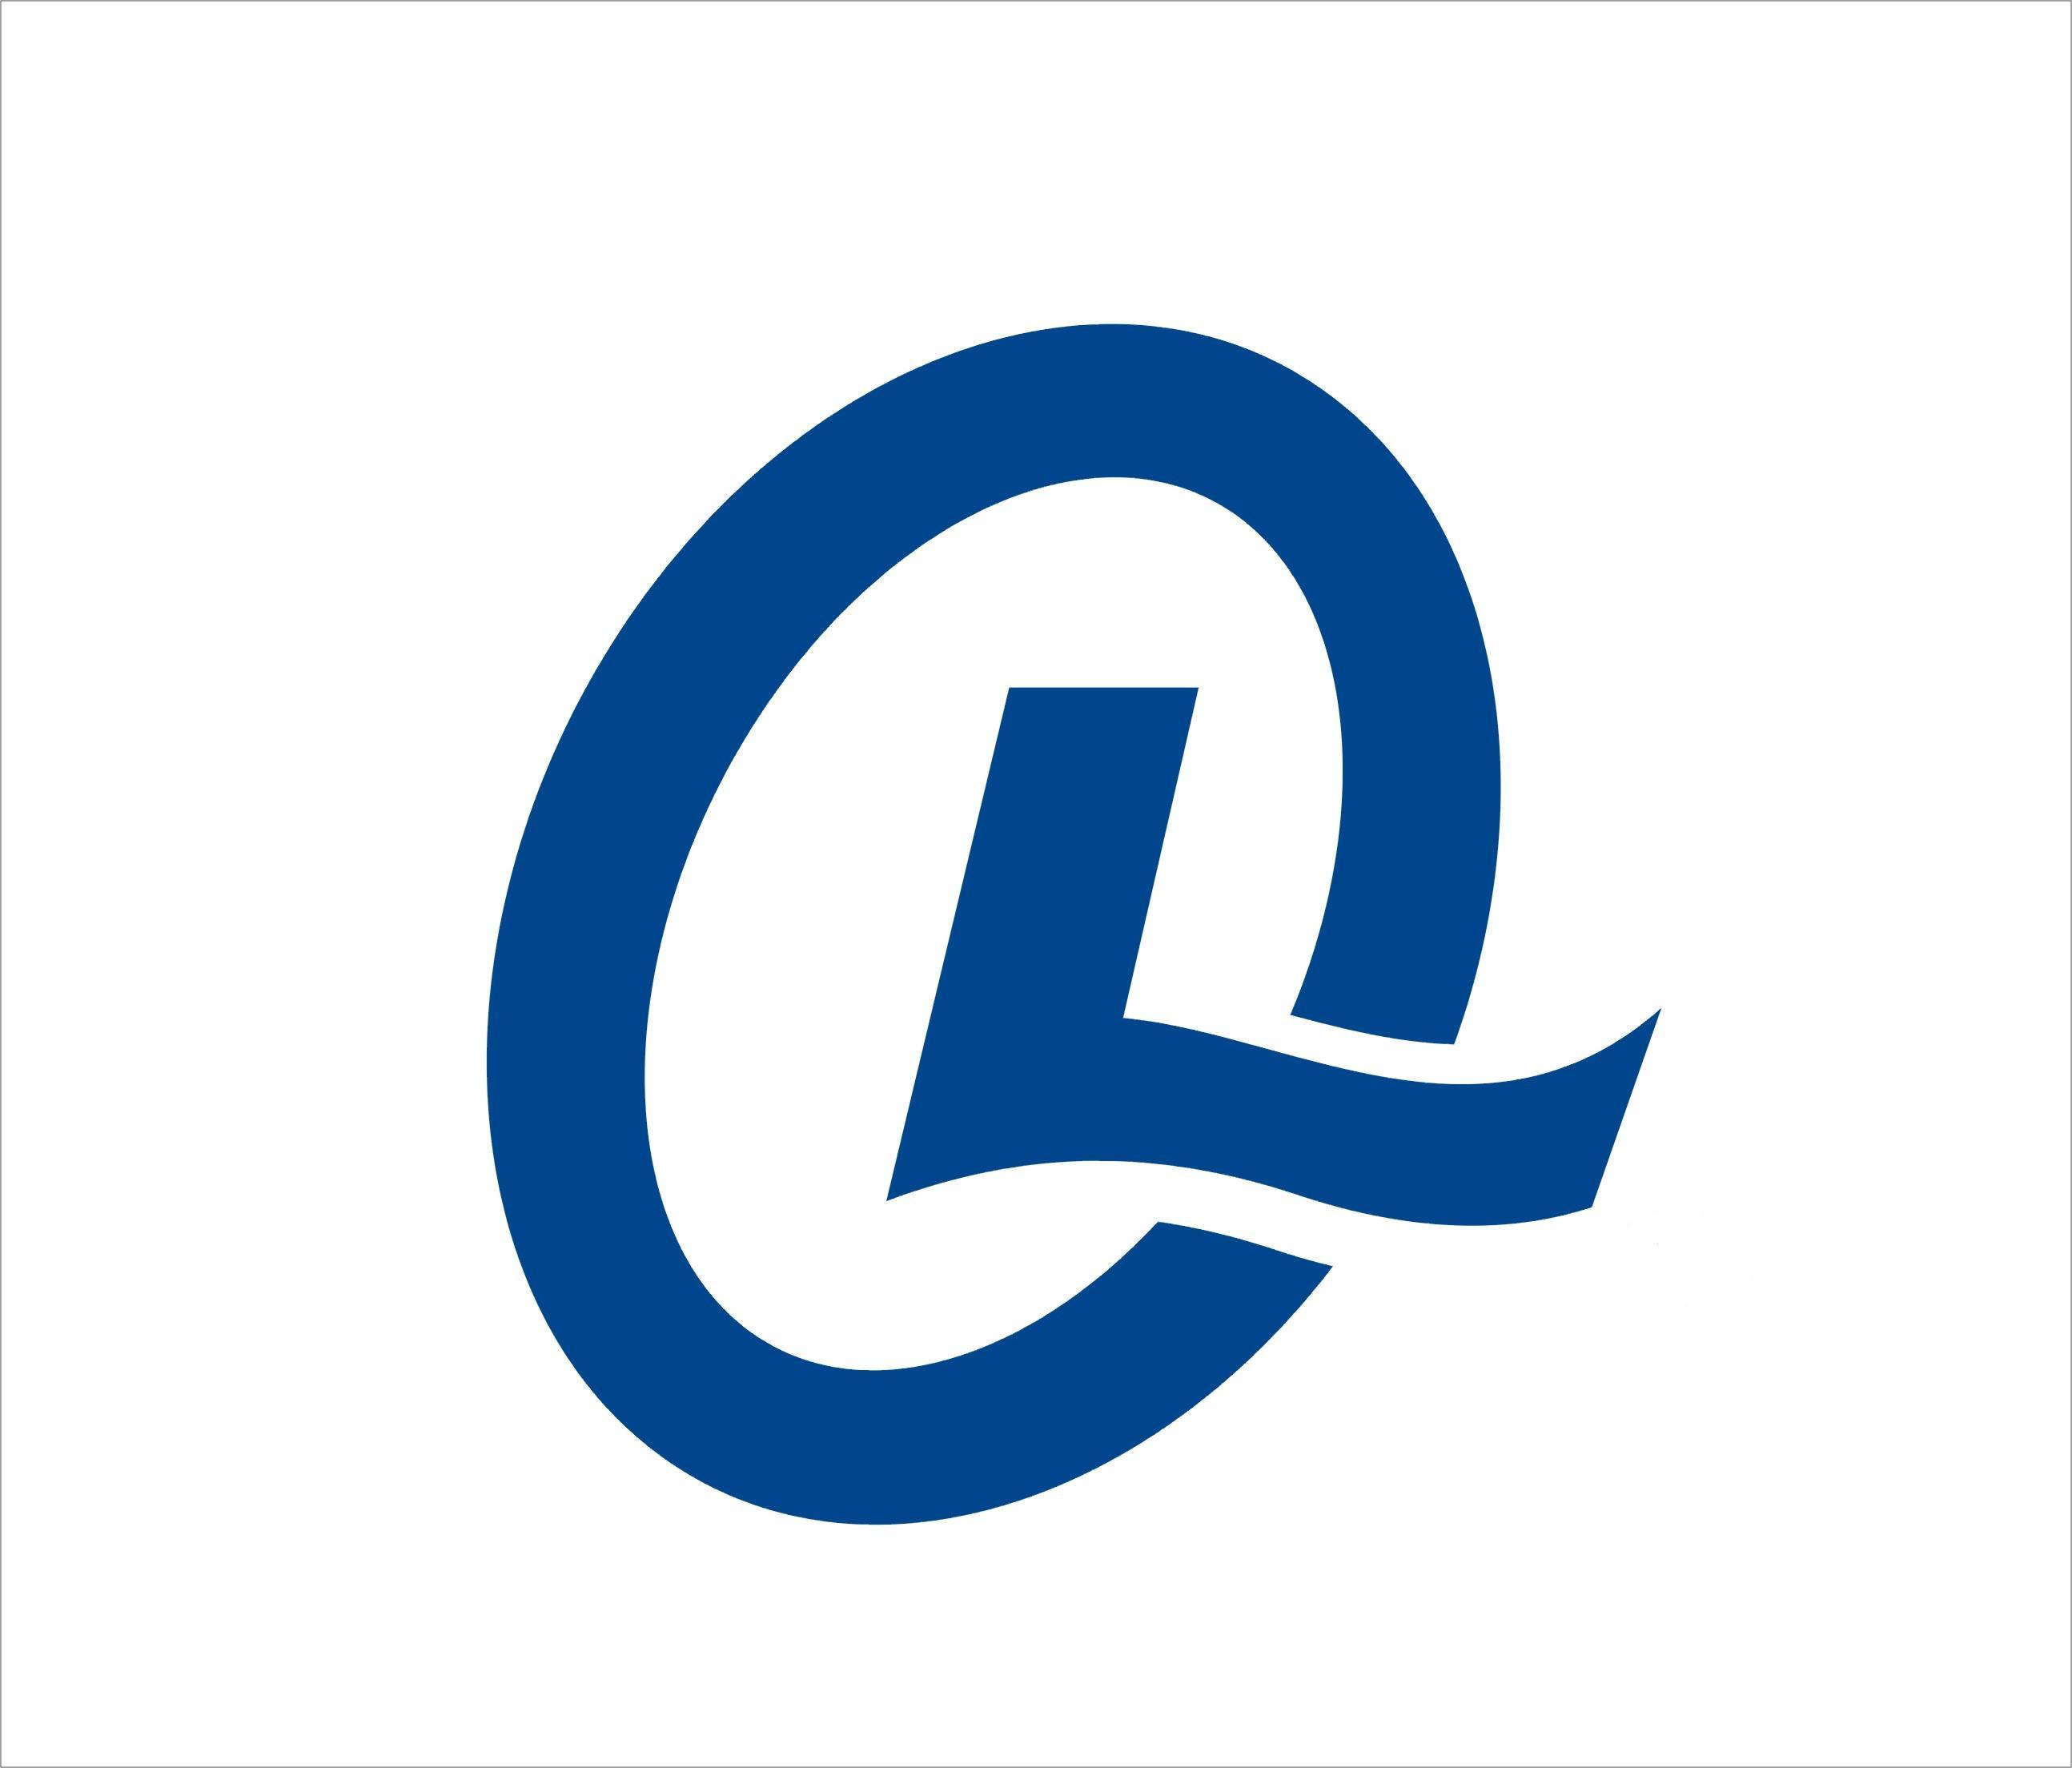 苏州菱欧自动化科技股份有限公司